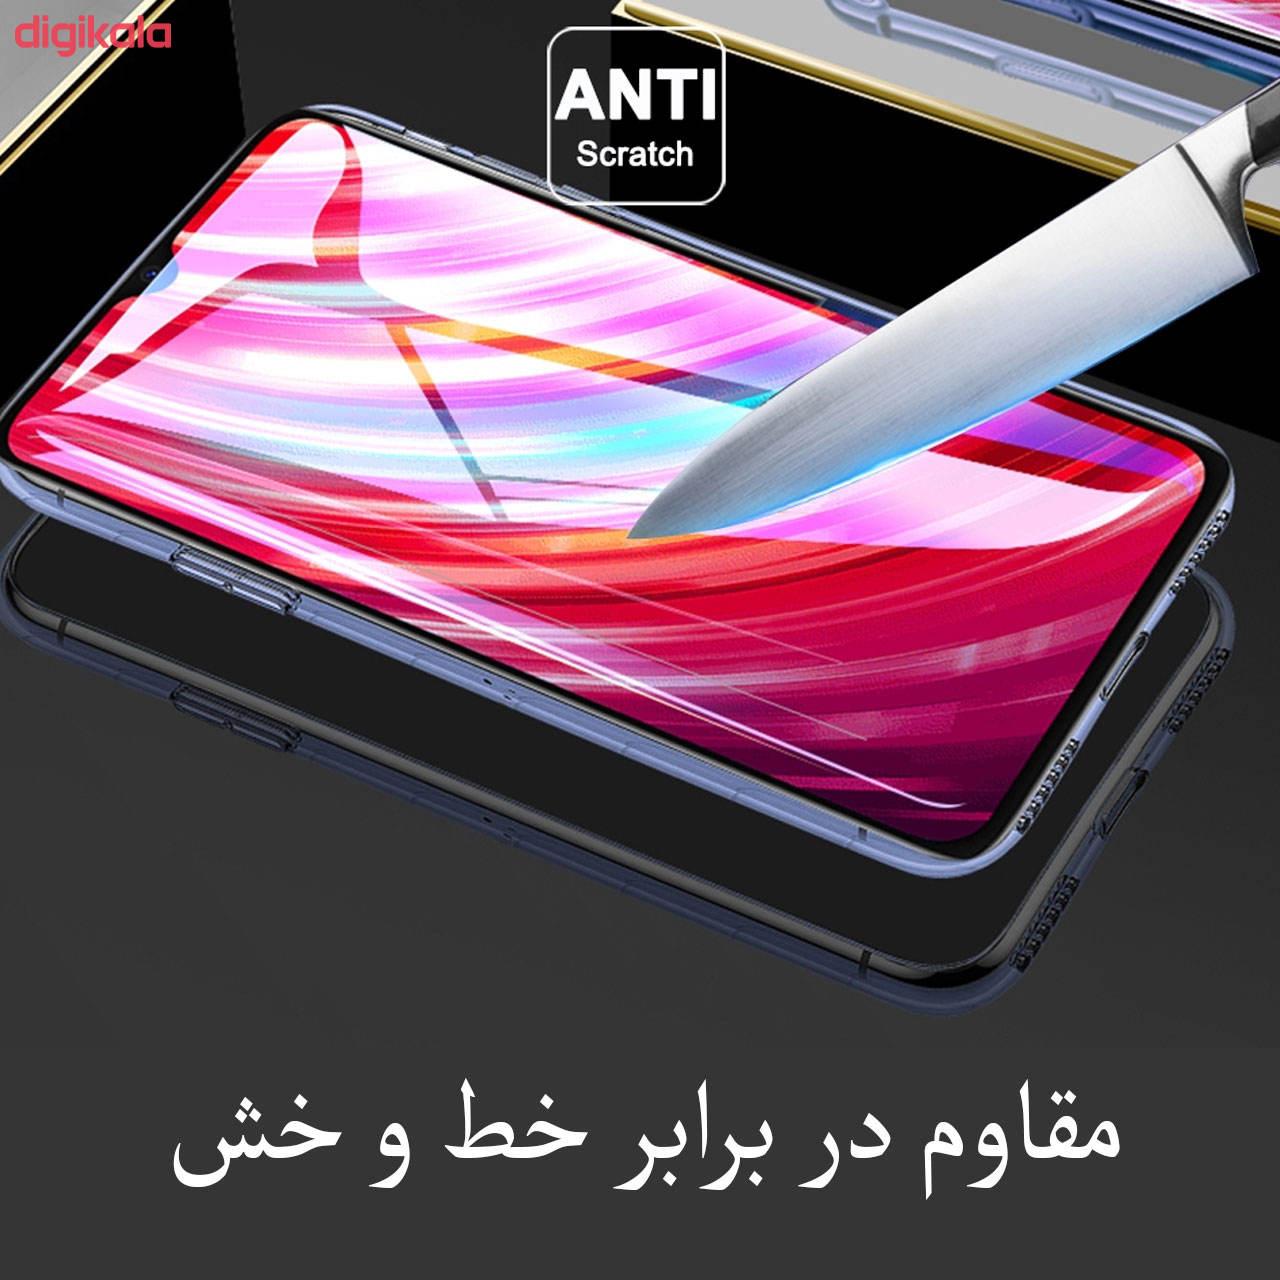 محافظ صفحه نمایش مدل FCG مناسب برای گوشی موبایل شیائومی Redmi Note 8 Pro main 1 7